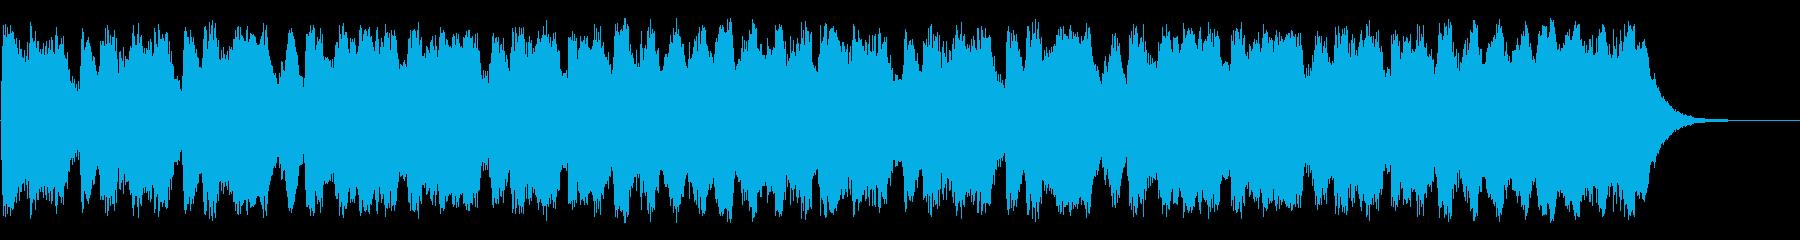 RPGの草原を歩くイメージのオーケストラの再生済みの波形